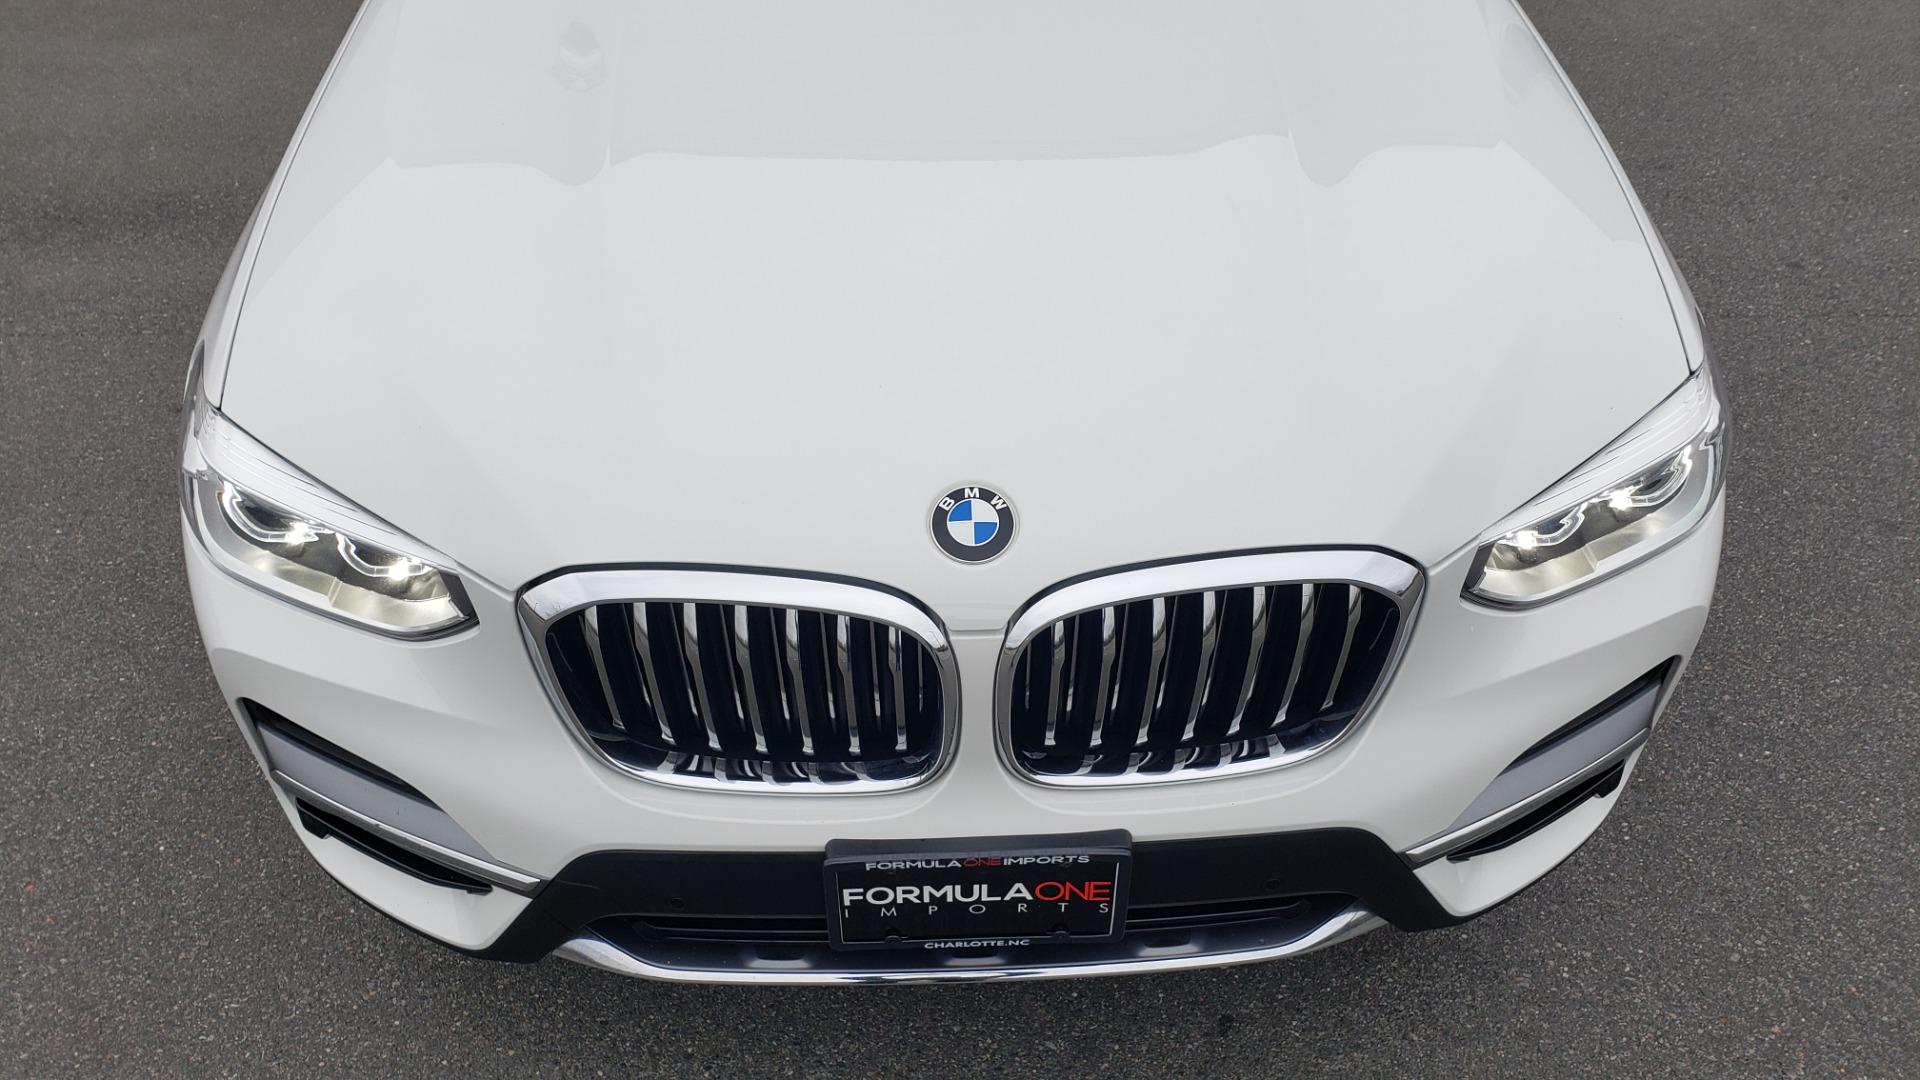 Used 2018 BMW X3 XDRIVE30I / LUX PKG / PREM PKG / CONV PKG / PDC / APPLE CARPLAY for sale Sold at Formula Imports in Charlotte NC 28227 25